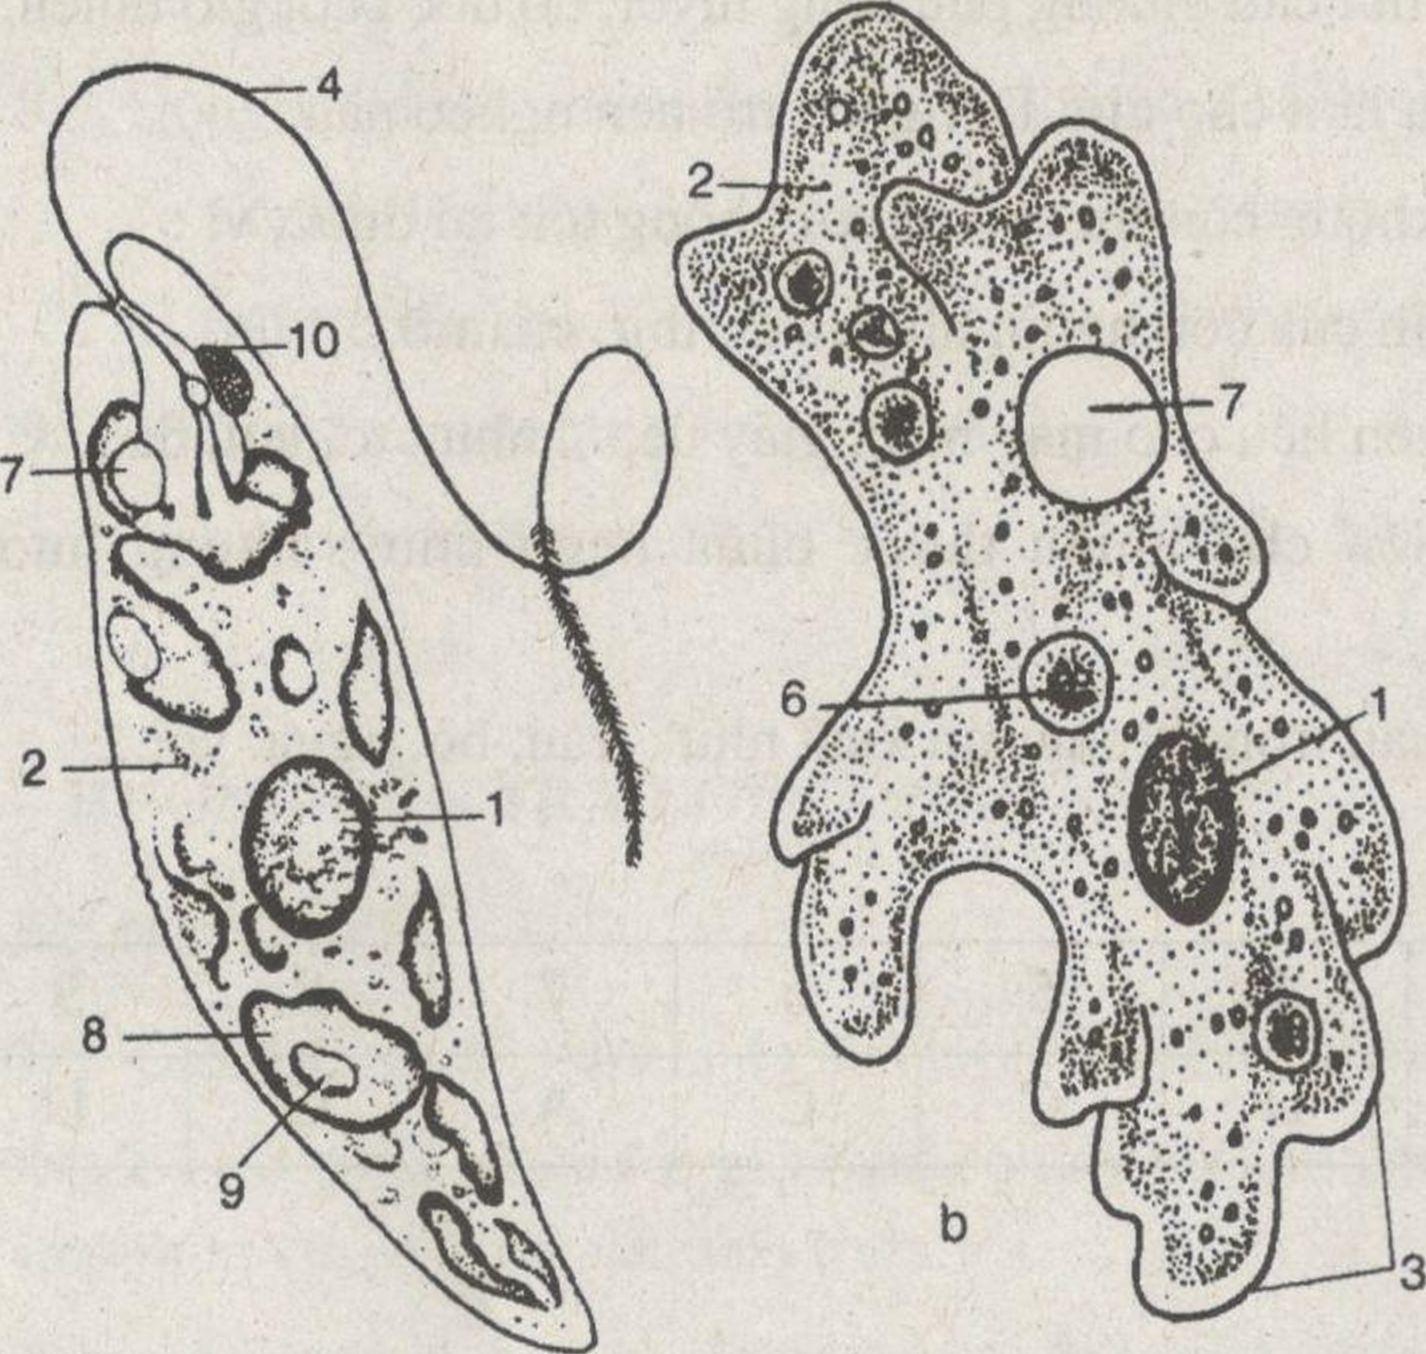 Kết quả hình ảnh cho Nêu đặc điểm chung của Động vật nguyên sinh.